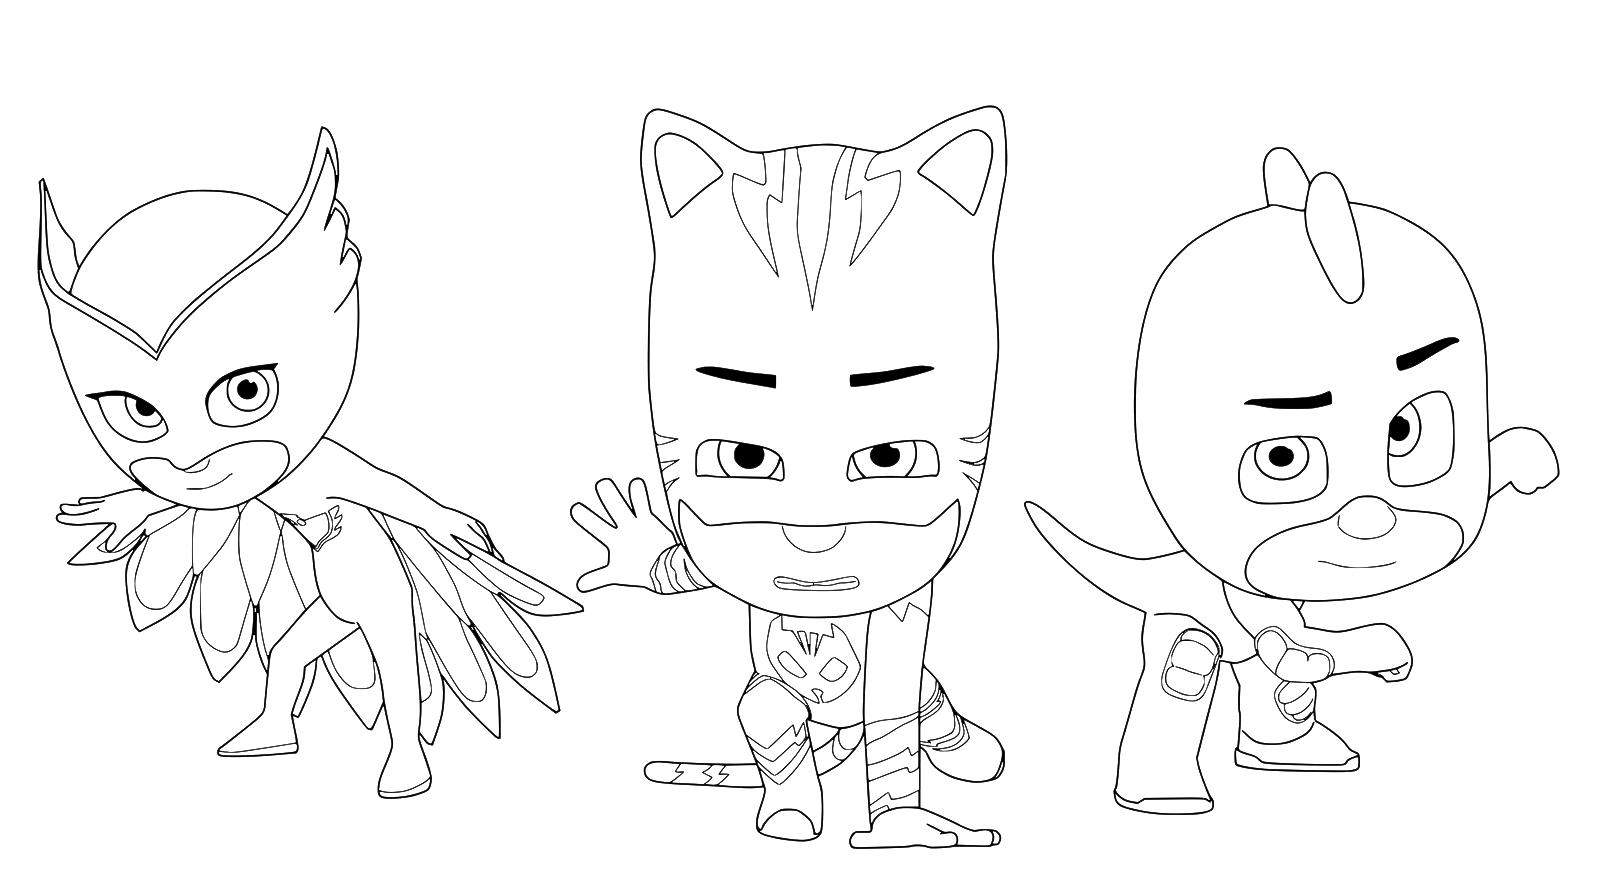 Pj Masks Catboy Owlette And Gekko The Pj Masks Team